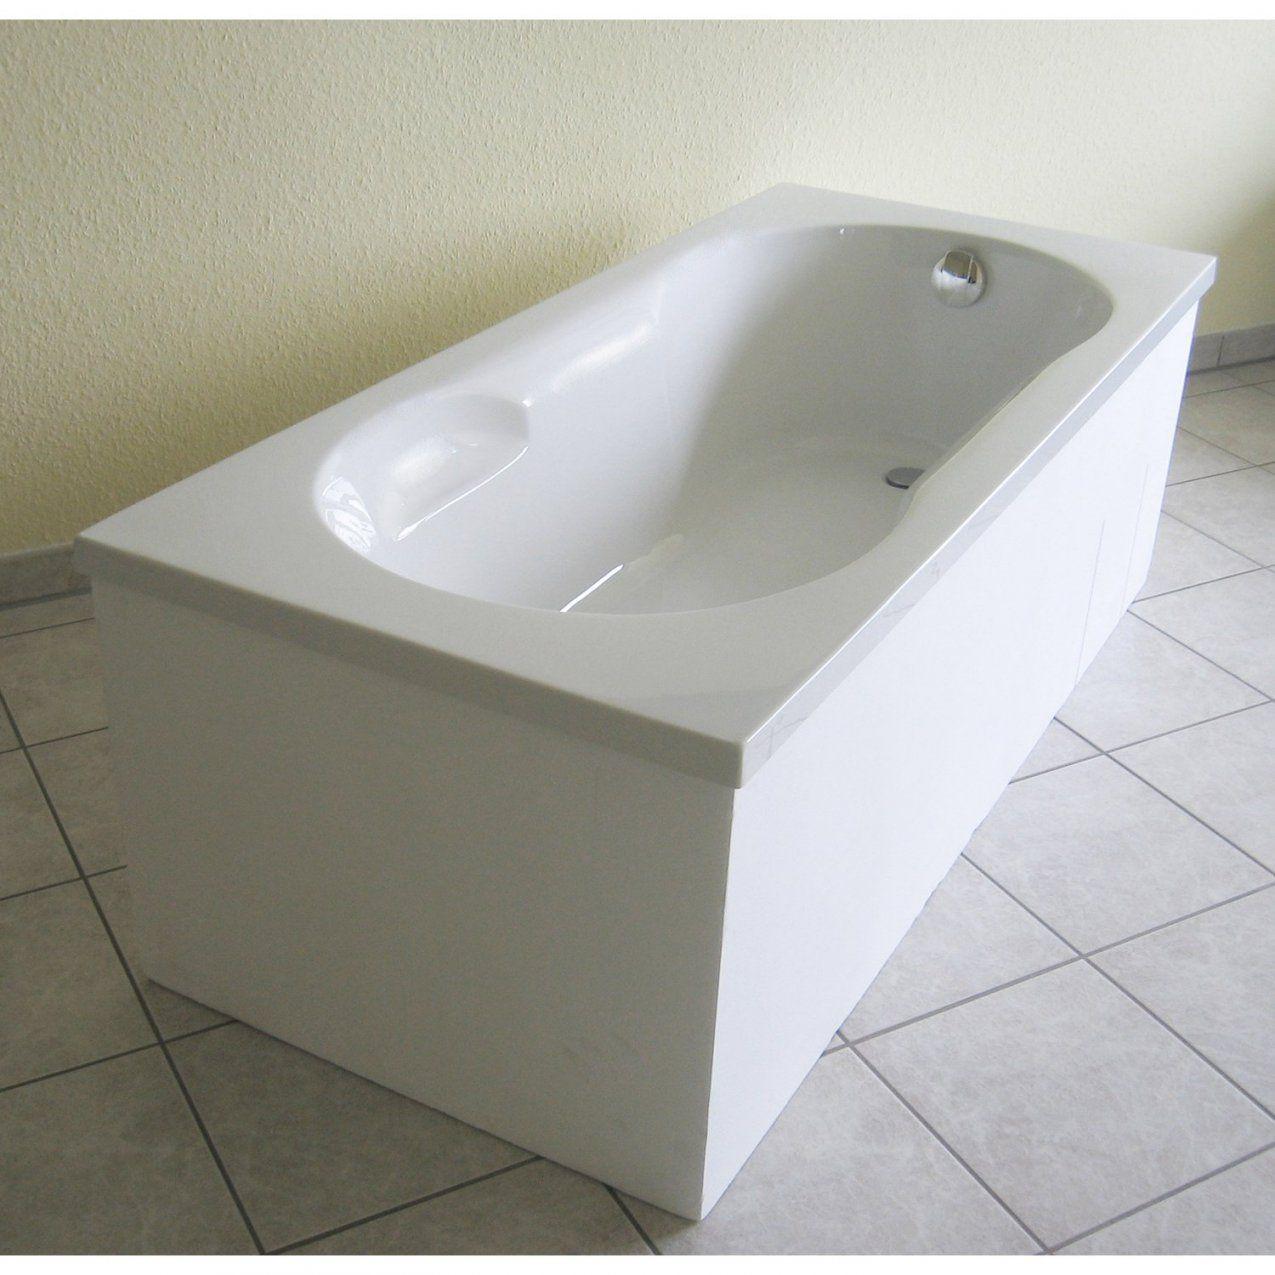 Badewanne Einbauen Ohne Wannentrager Vq47 Hitoiro Von Badewanne